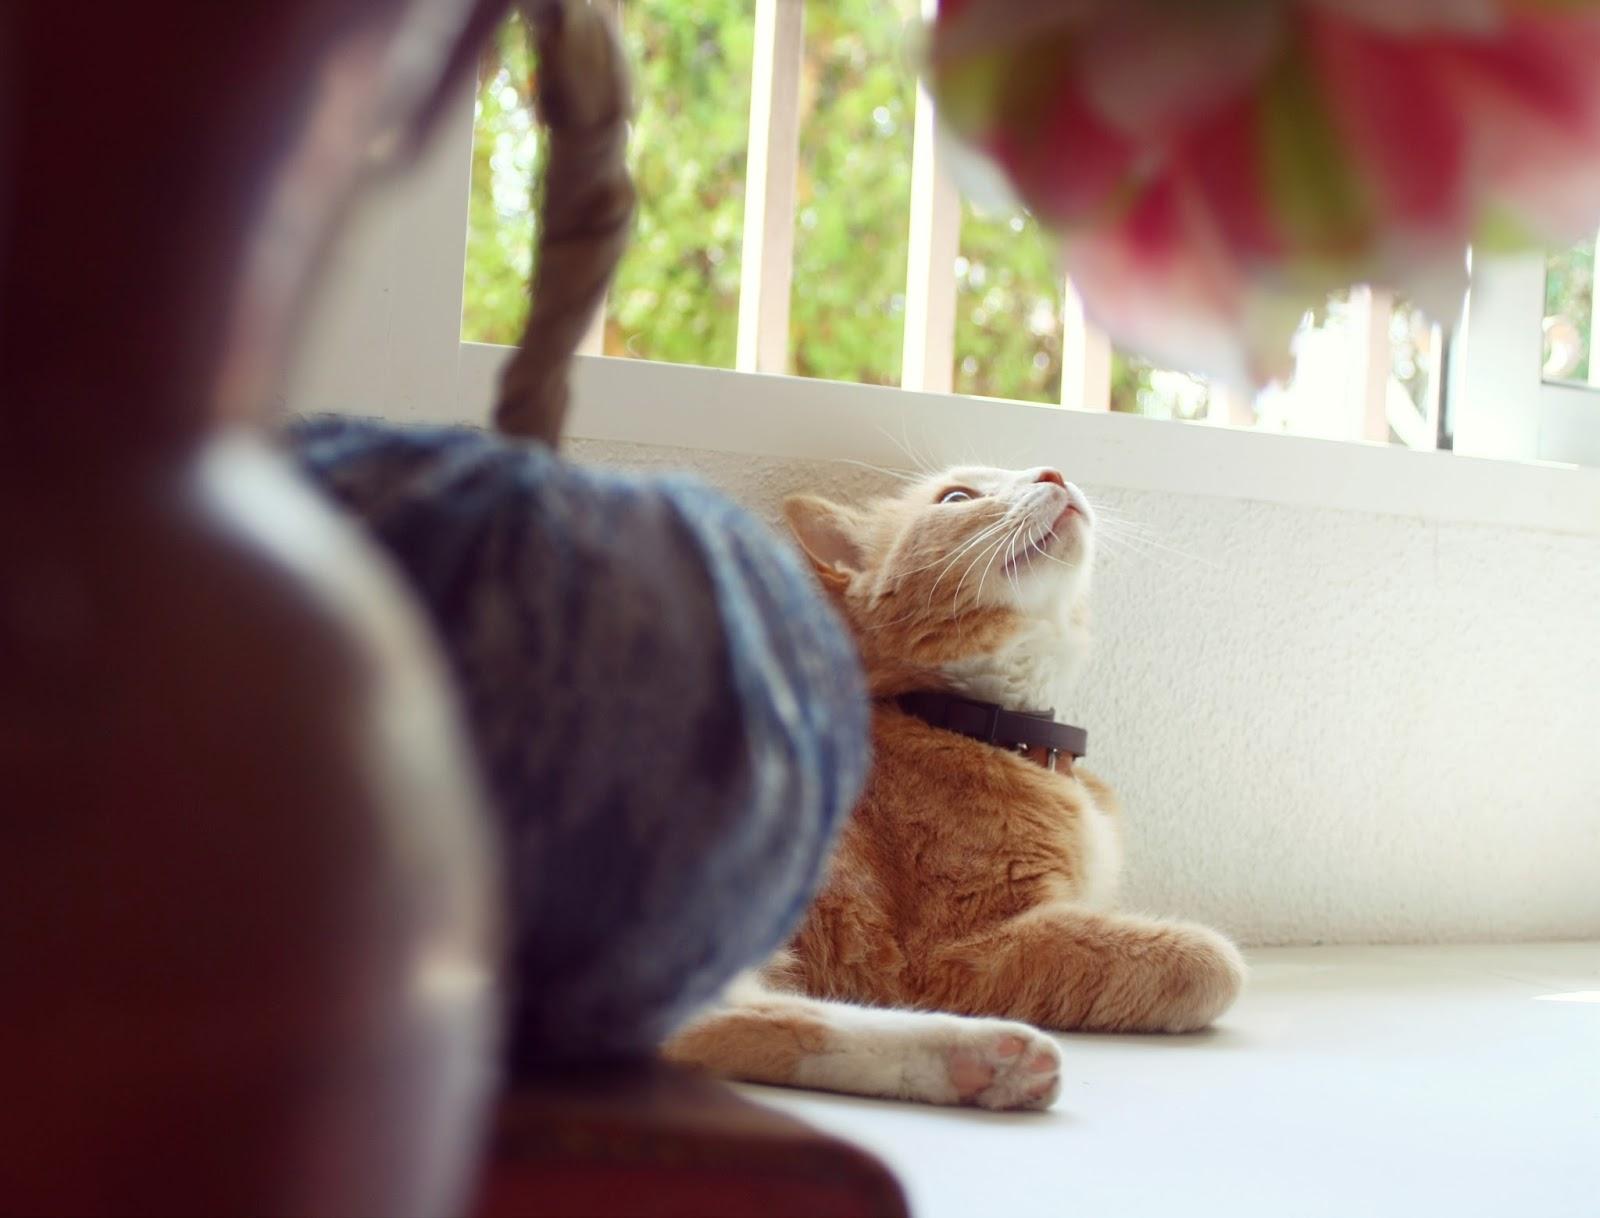 Gato rojizo acostado al lado de una ventana